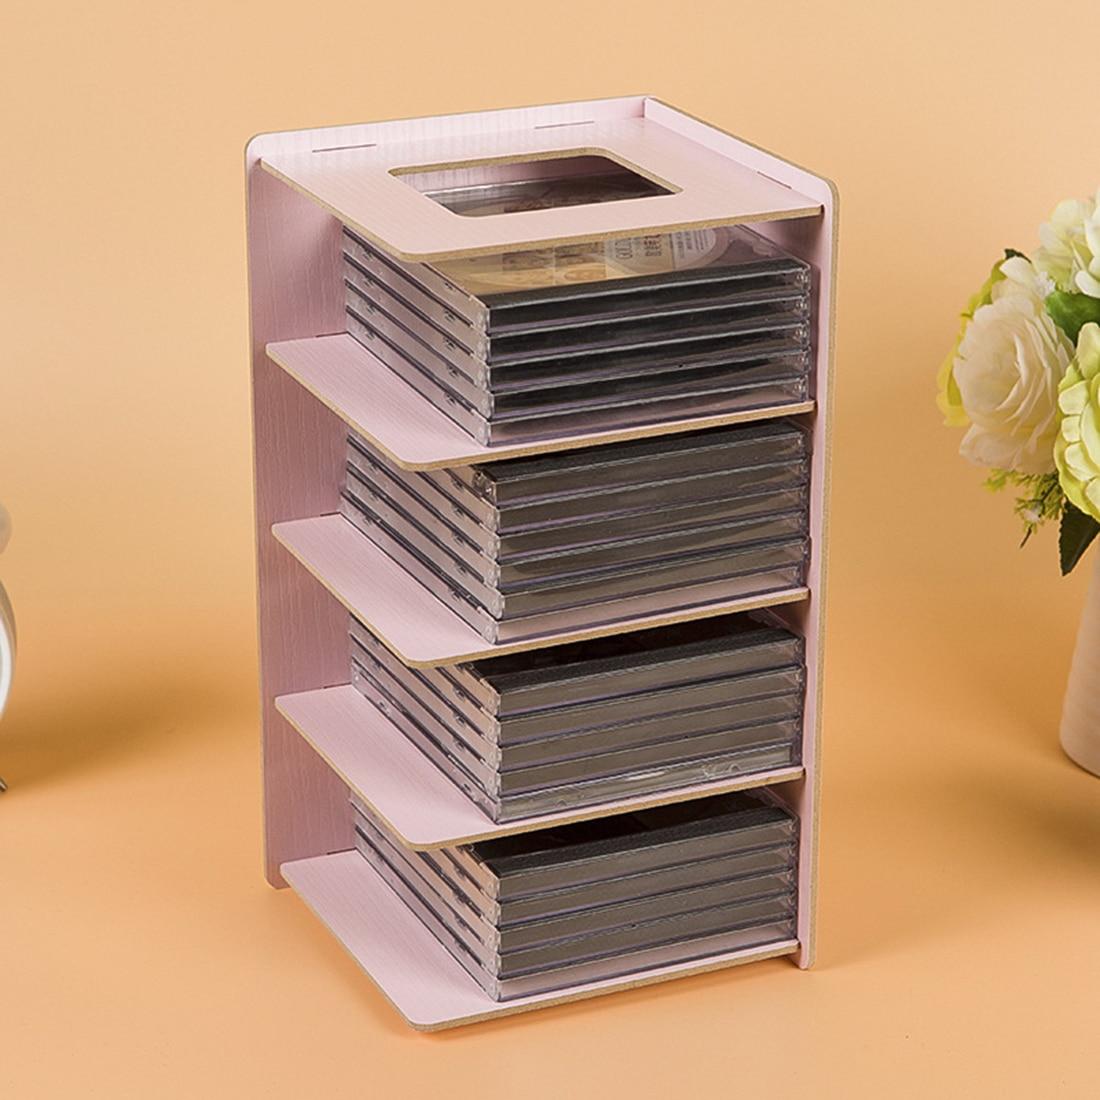 Kreative Holz DIY Desktop Buch CD Lagerung Sortierung Buchstützen Büro  Regale